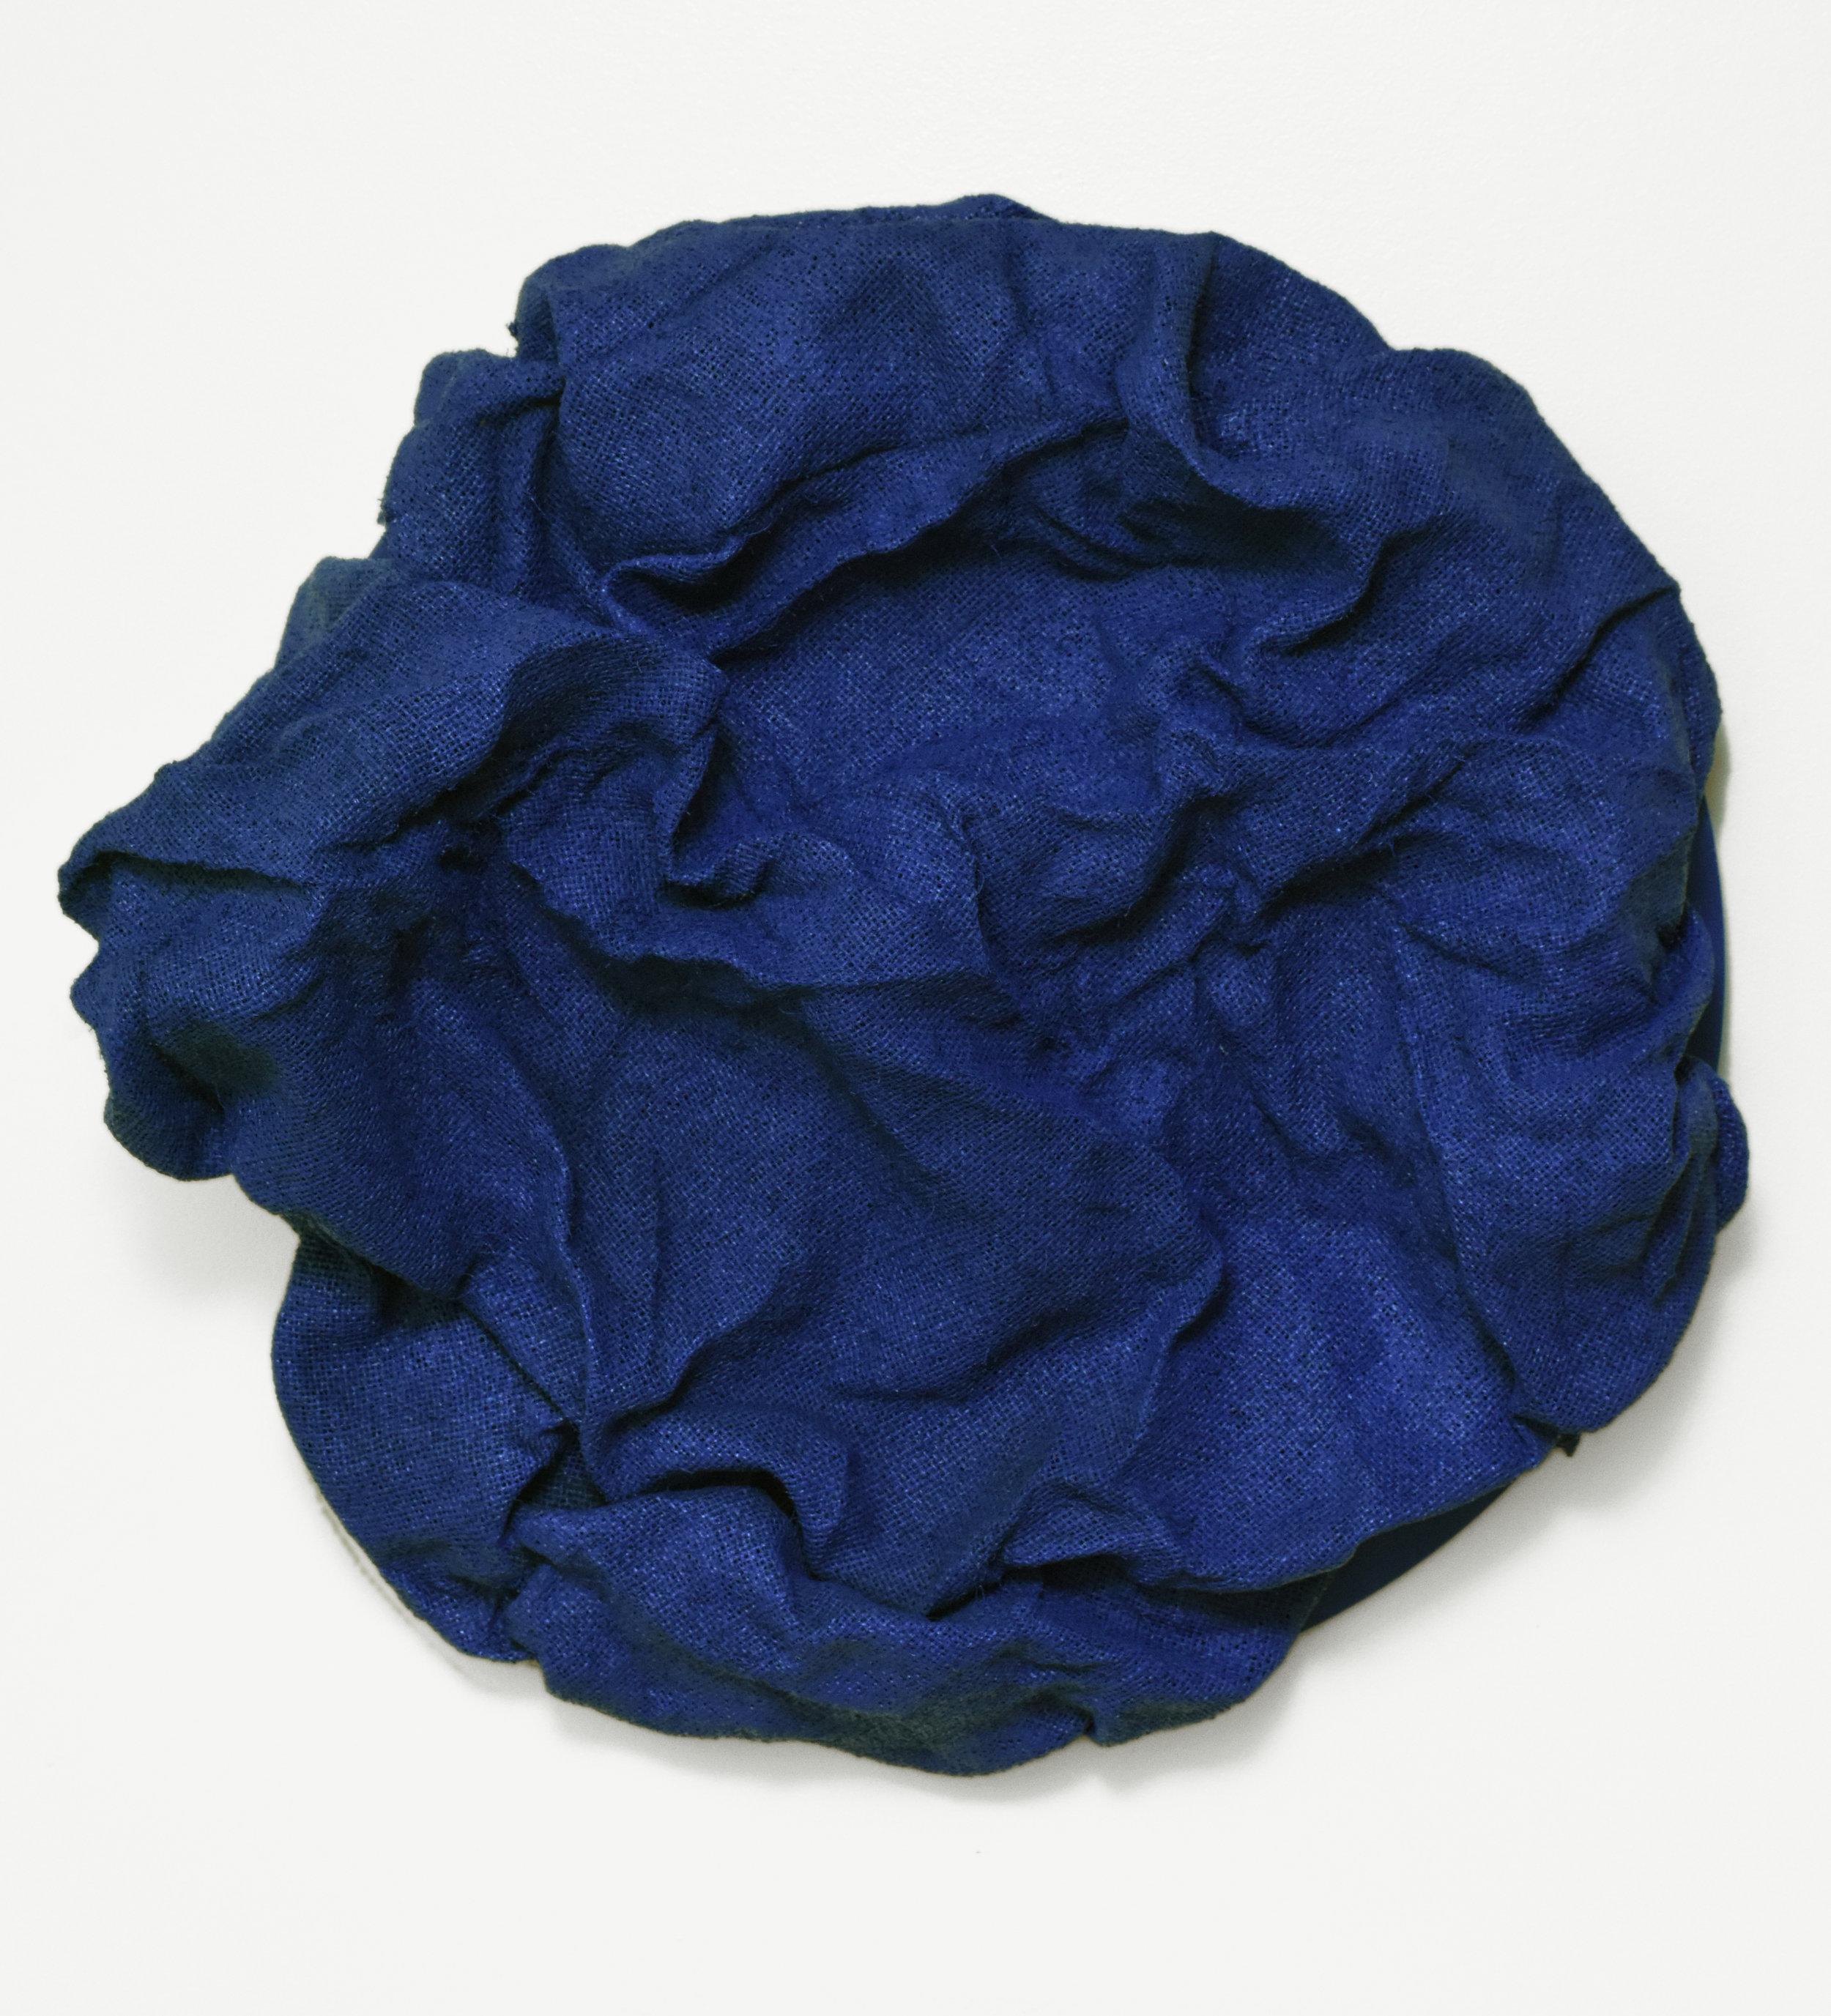 Iris Blue Folds